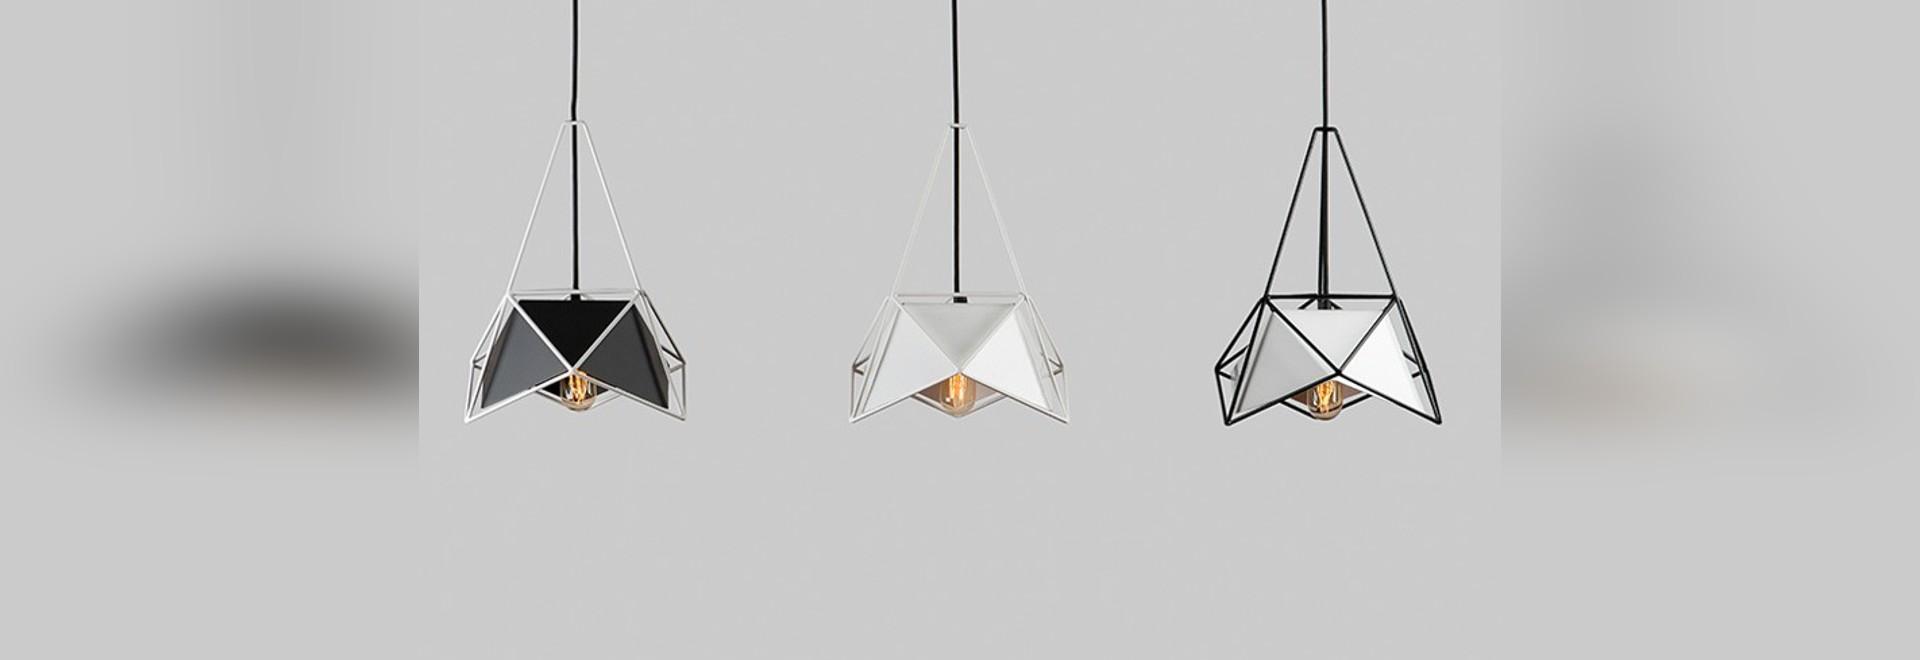 VERSCHIEBEN Sie die Entwurfs-hängenden Lampen, die durch einen ...